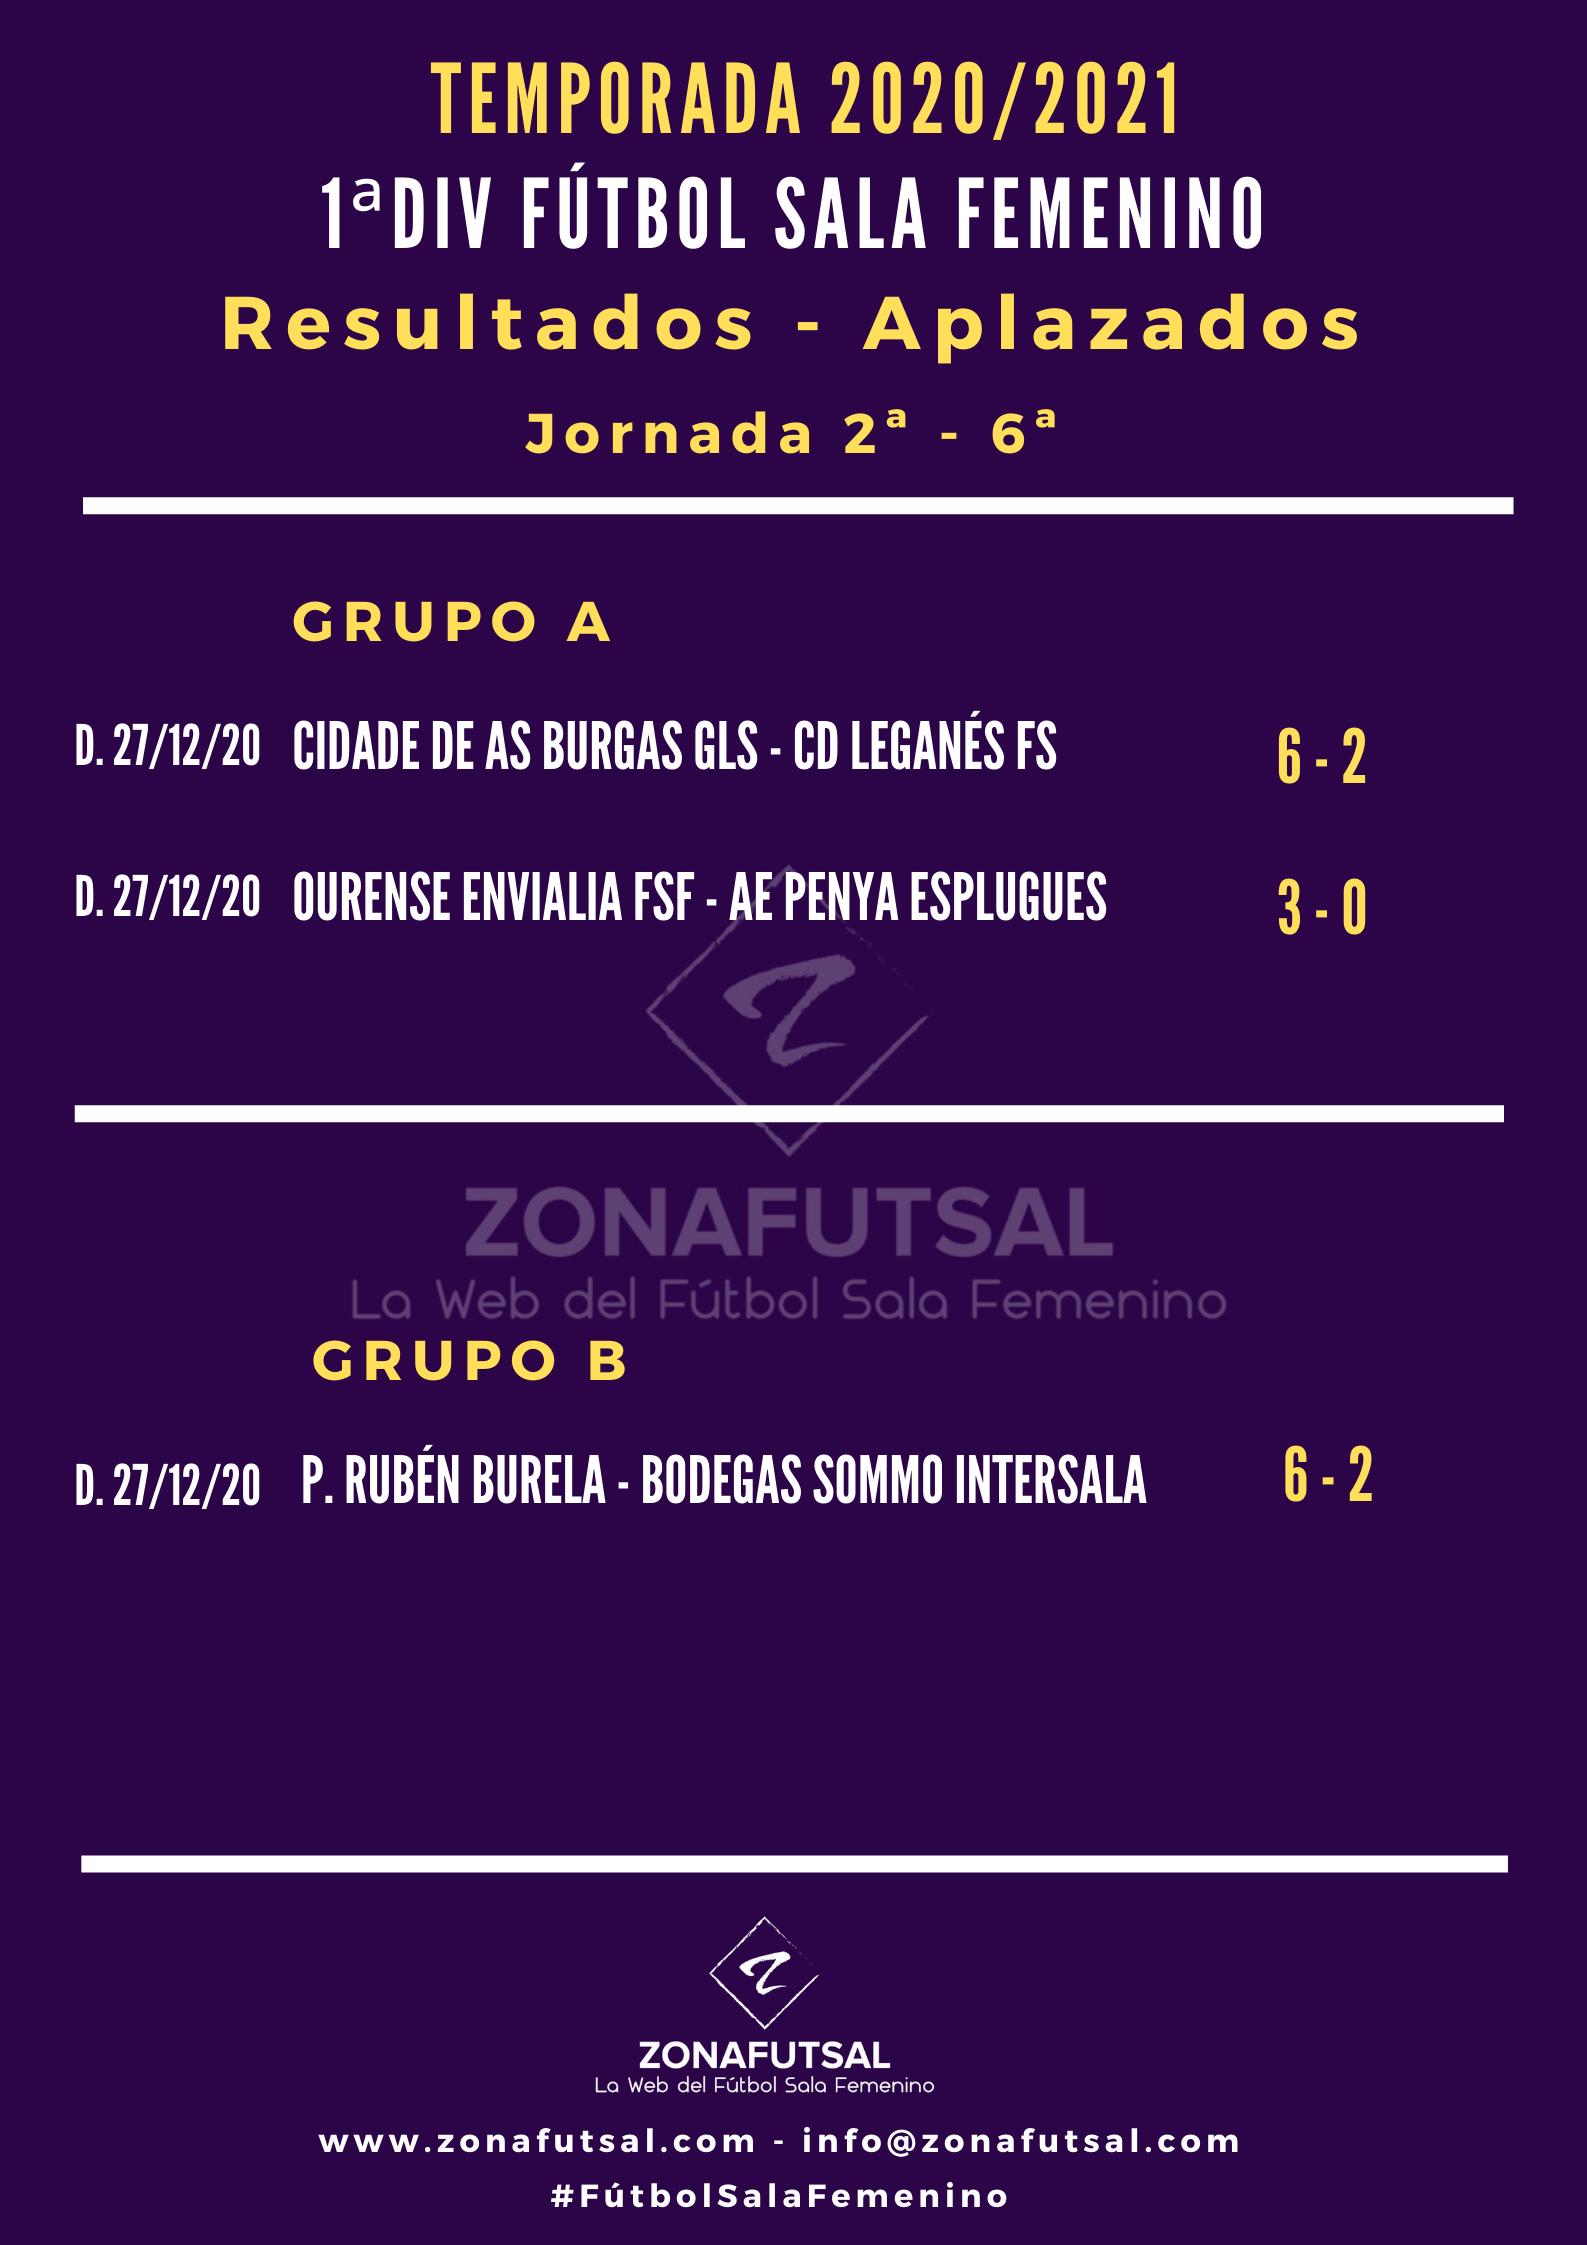 Clasificación de 1ª División de Fútbol Sala Femenino tras la disputa de los Partidos Aplazados